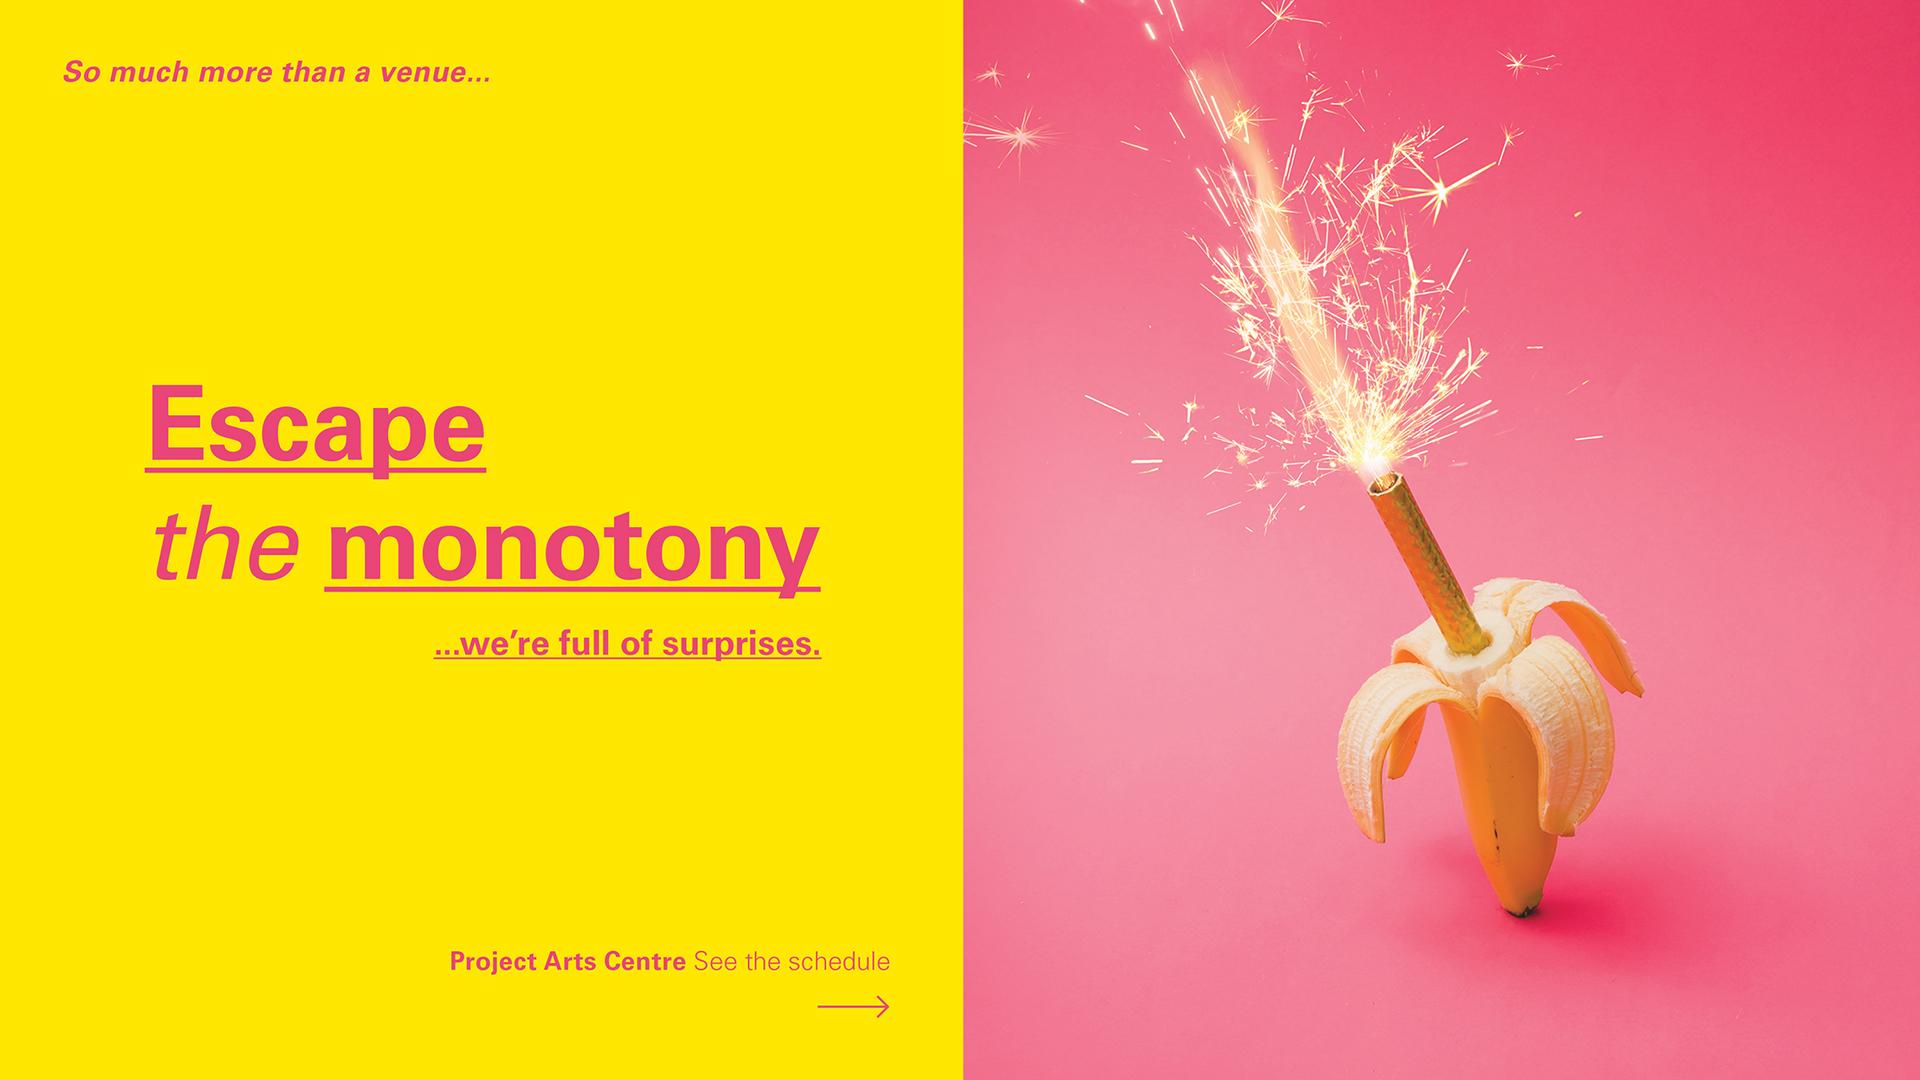 Escape the monotony at Project Arts Centre